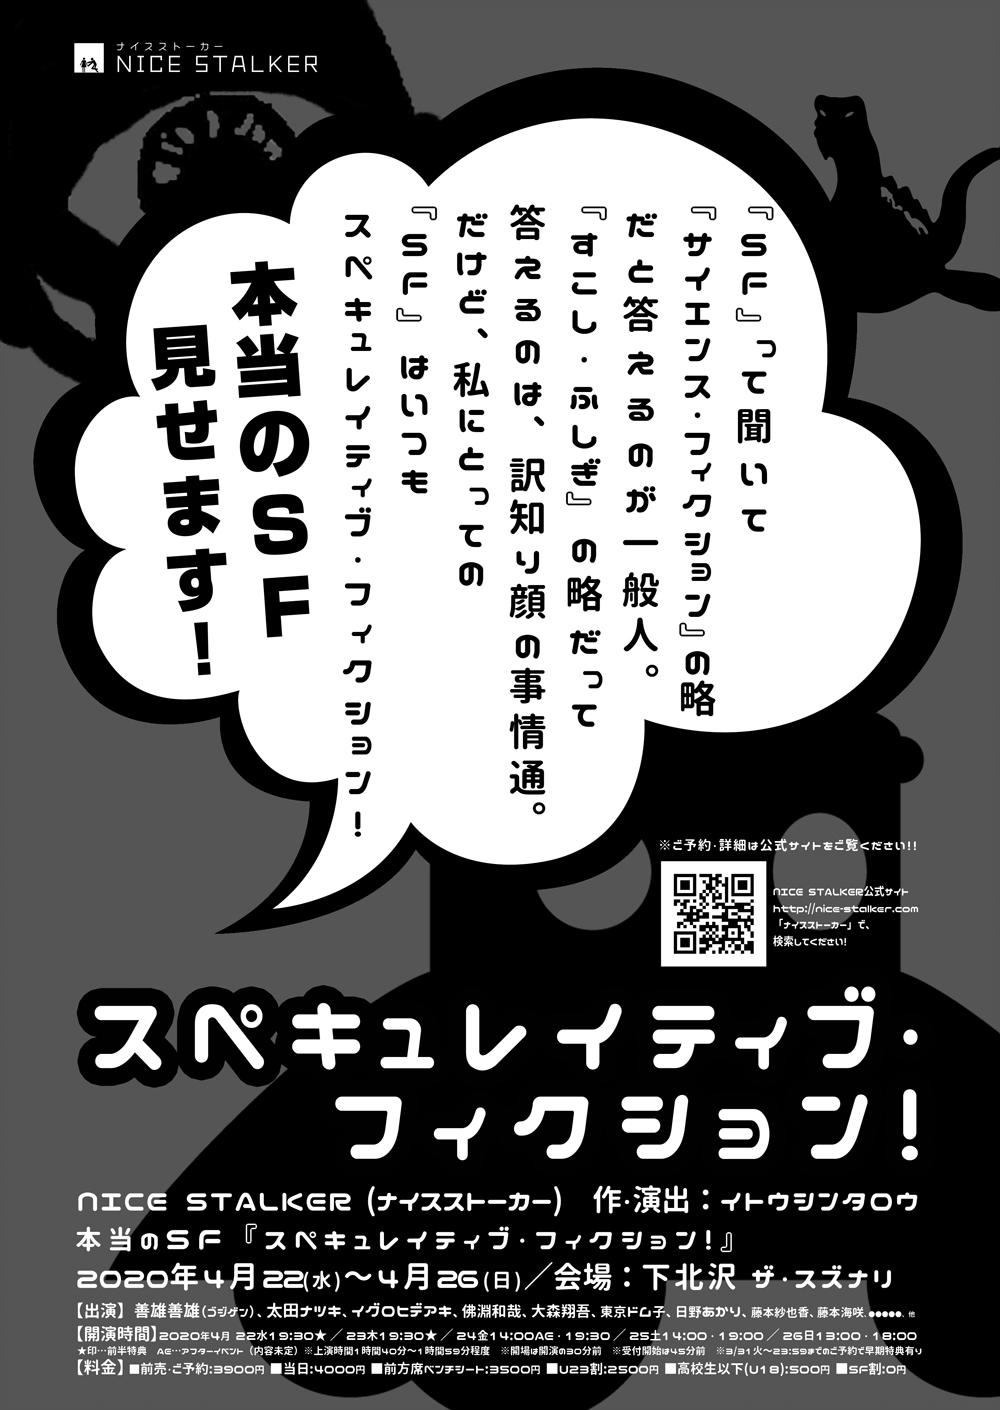 チケットご予約開始しました!【スペキュレイティブ・フィクション! 稽古場日誌③】